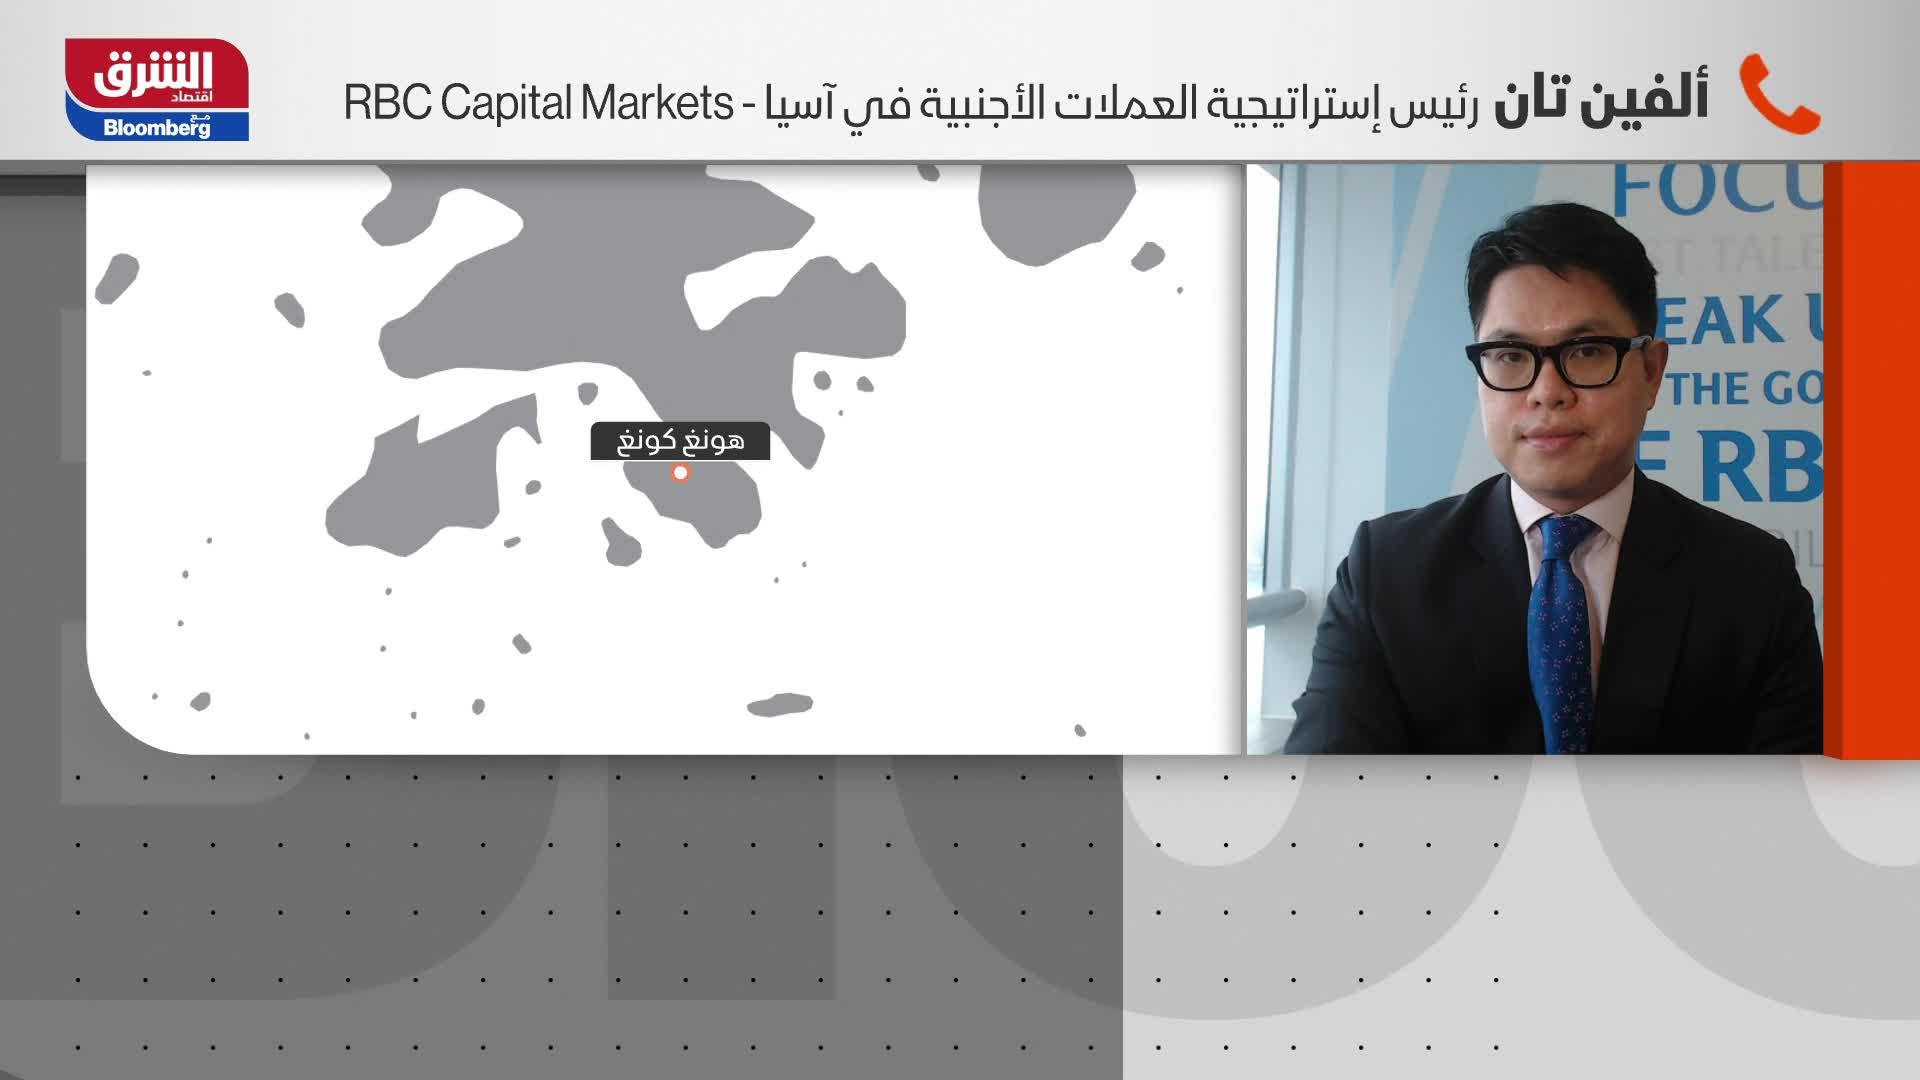 ألفين تان - رئيس إستراتيجية العملات الأجنبية في آسيا لدى RBC Capital Markets